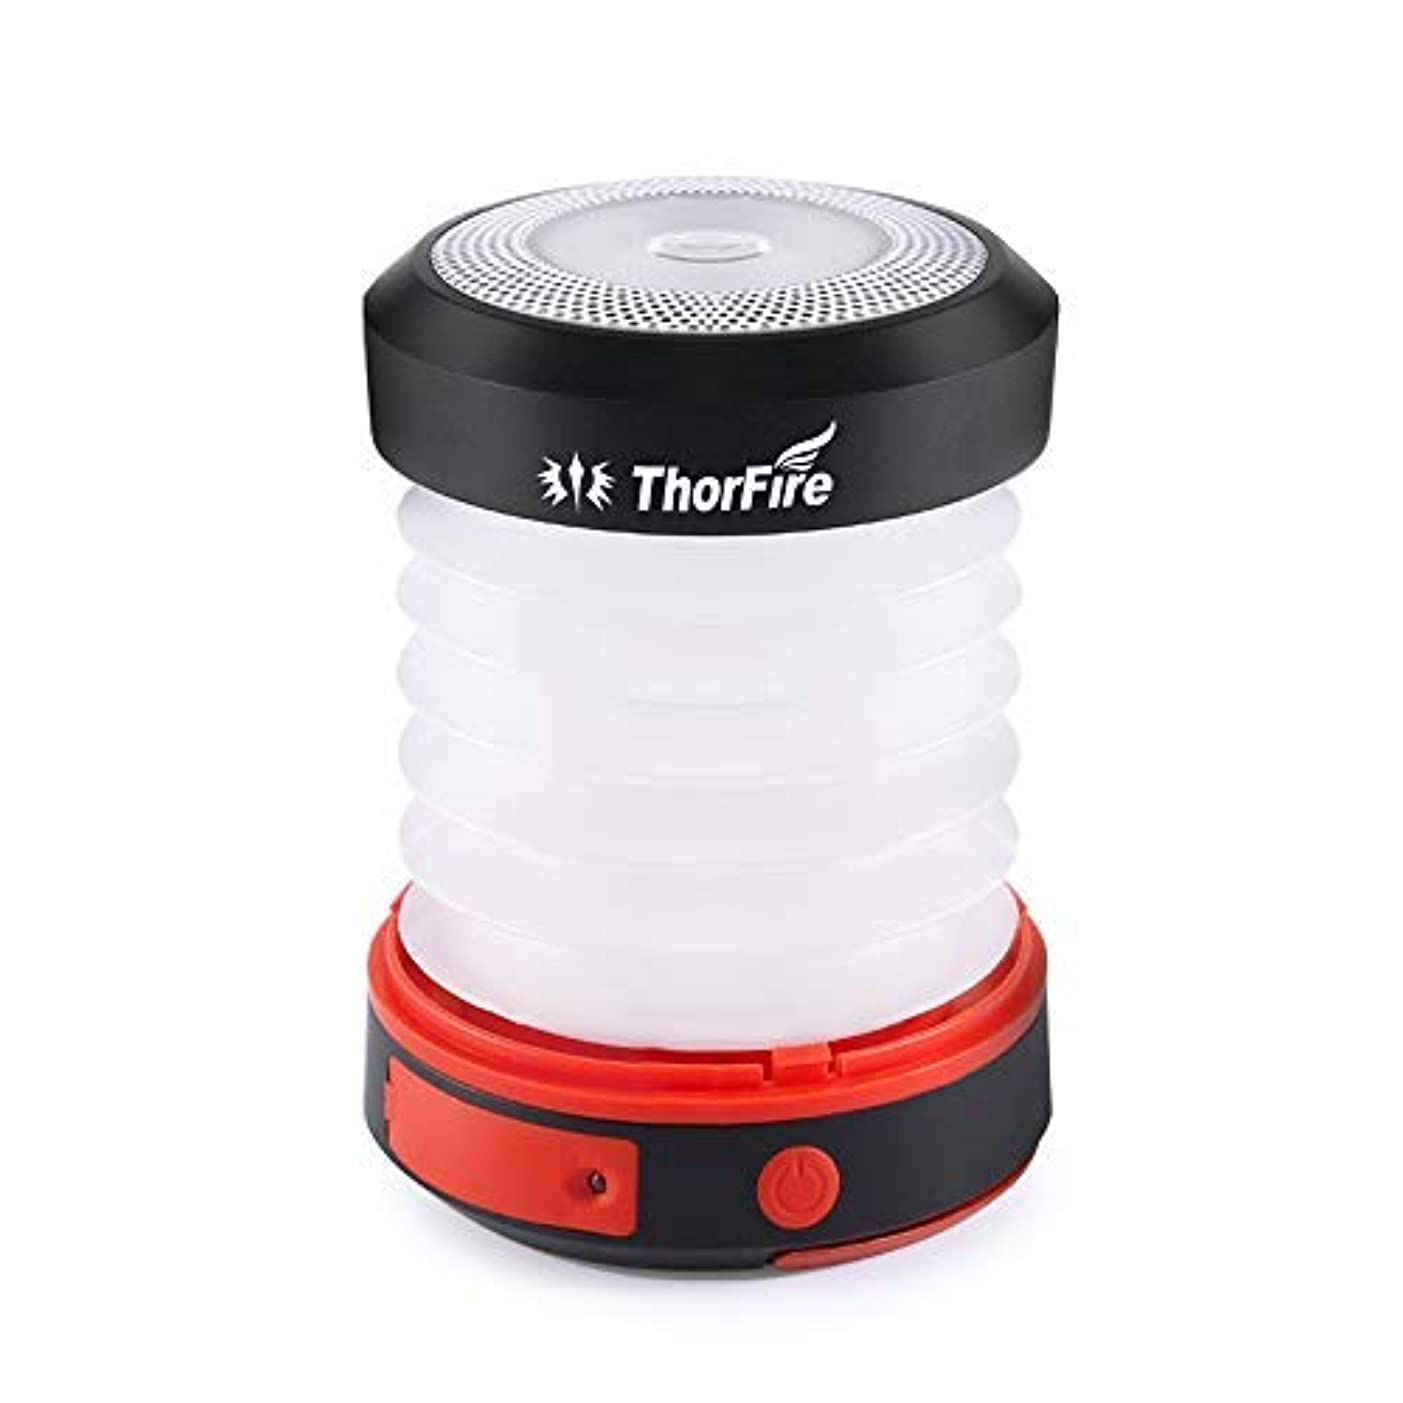 ダイエット抜け目がない腹痛LEDランタン ThorFire ソーラーライト USB充電式 電池不要 折り畳み式 モバイルバッテリー機能 軽量 アウトドア 夜釣り 防災対策 CL04